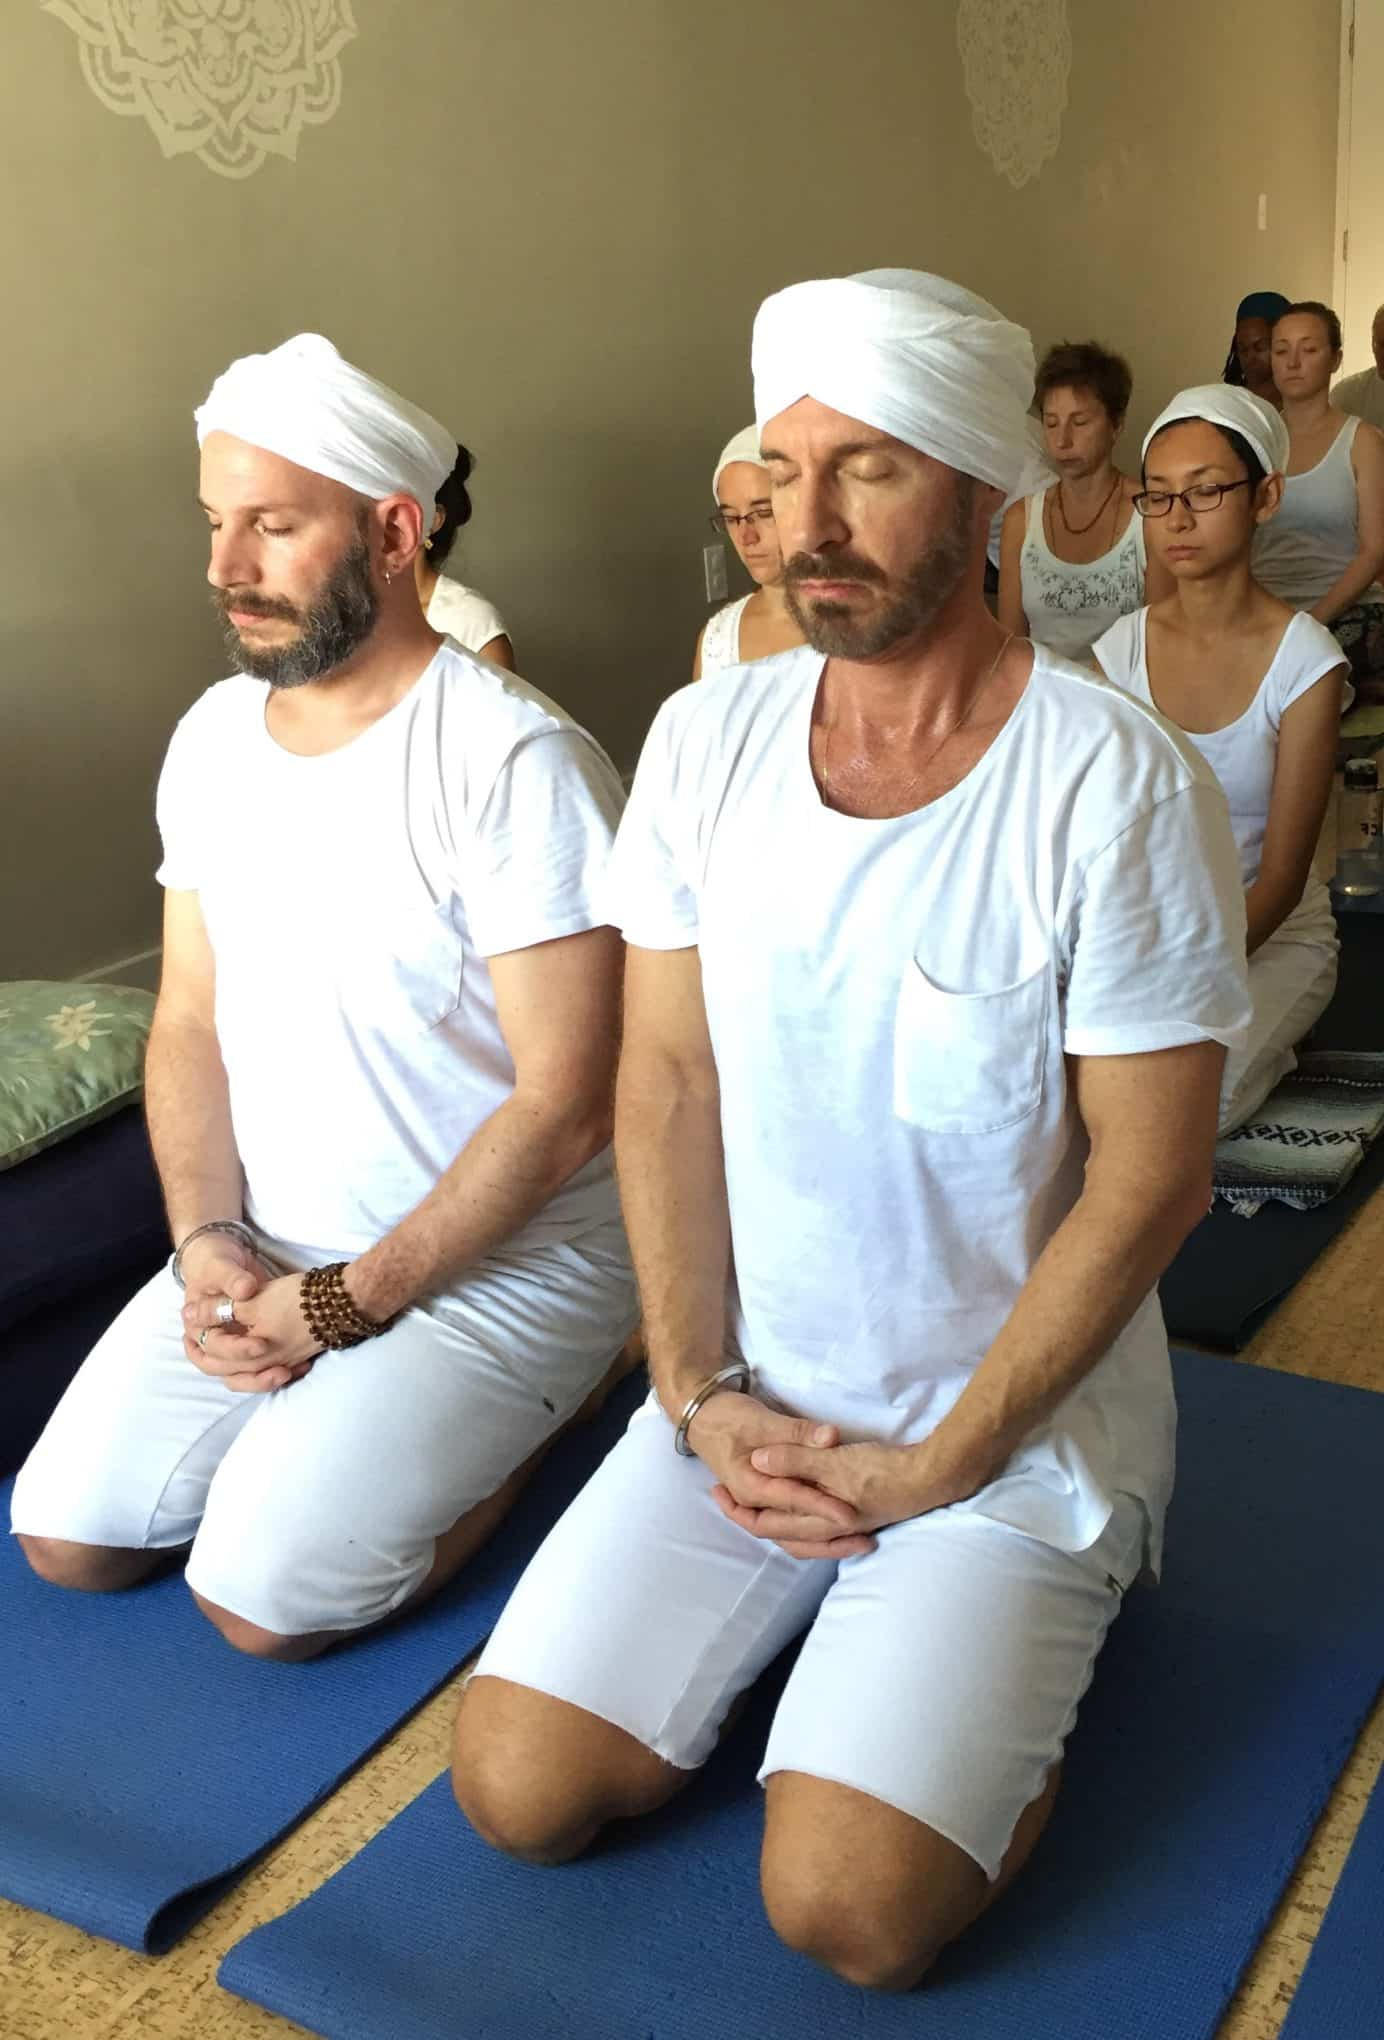 The Yoga Man Experience Lighthouse Yoga Center